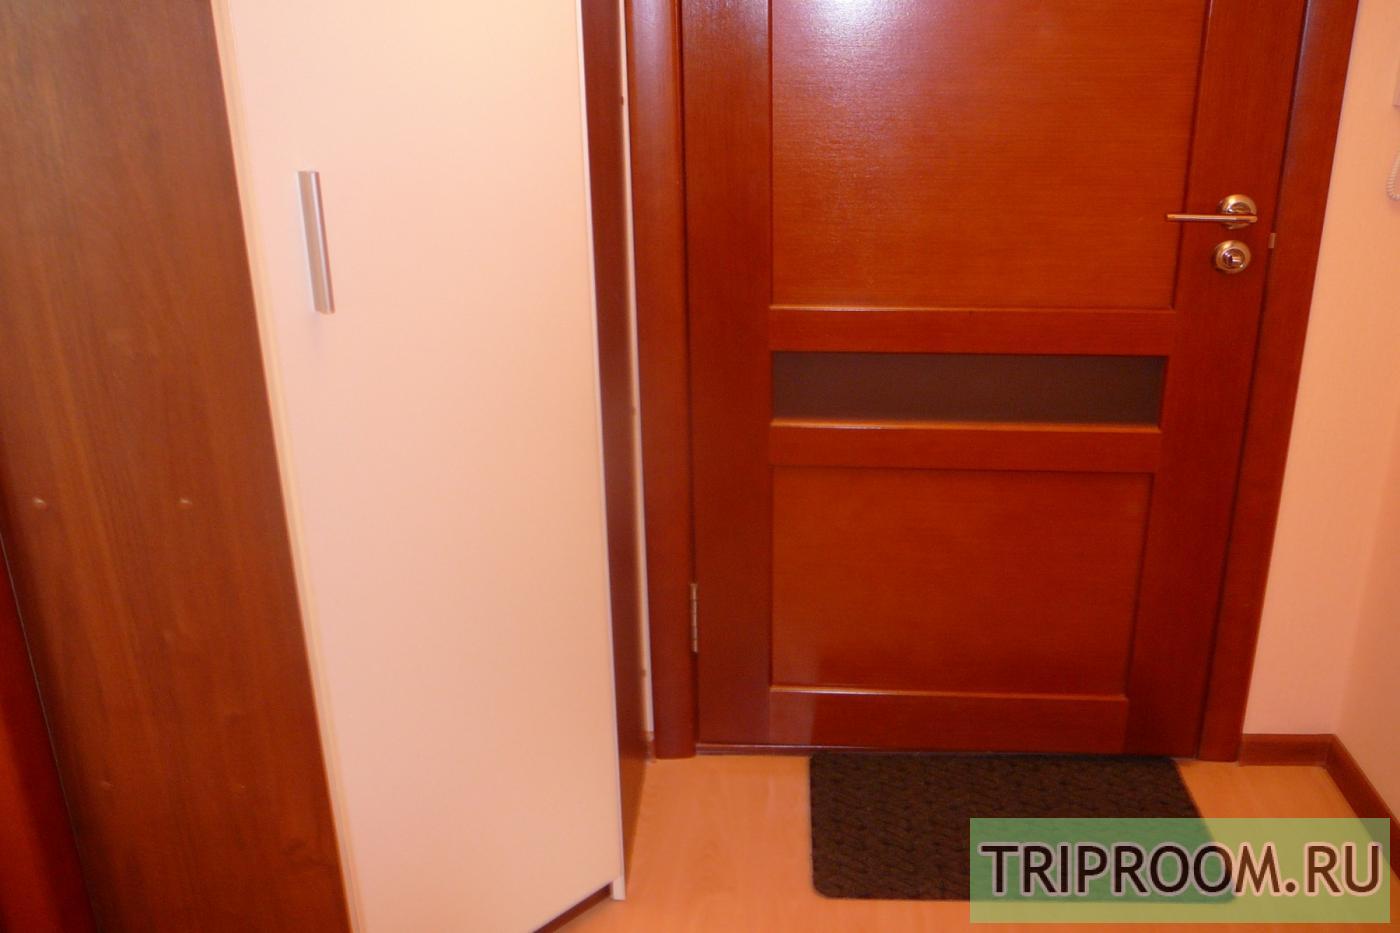 1-комнатная квартира посуточно (вариант № 20895), ул. Ленинский пр-т, фото № 9